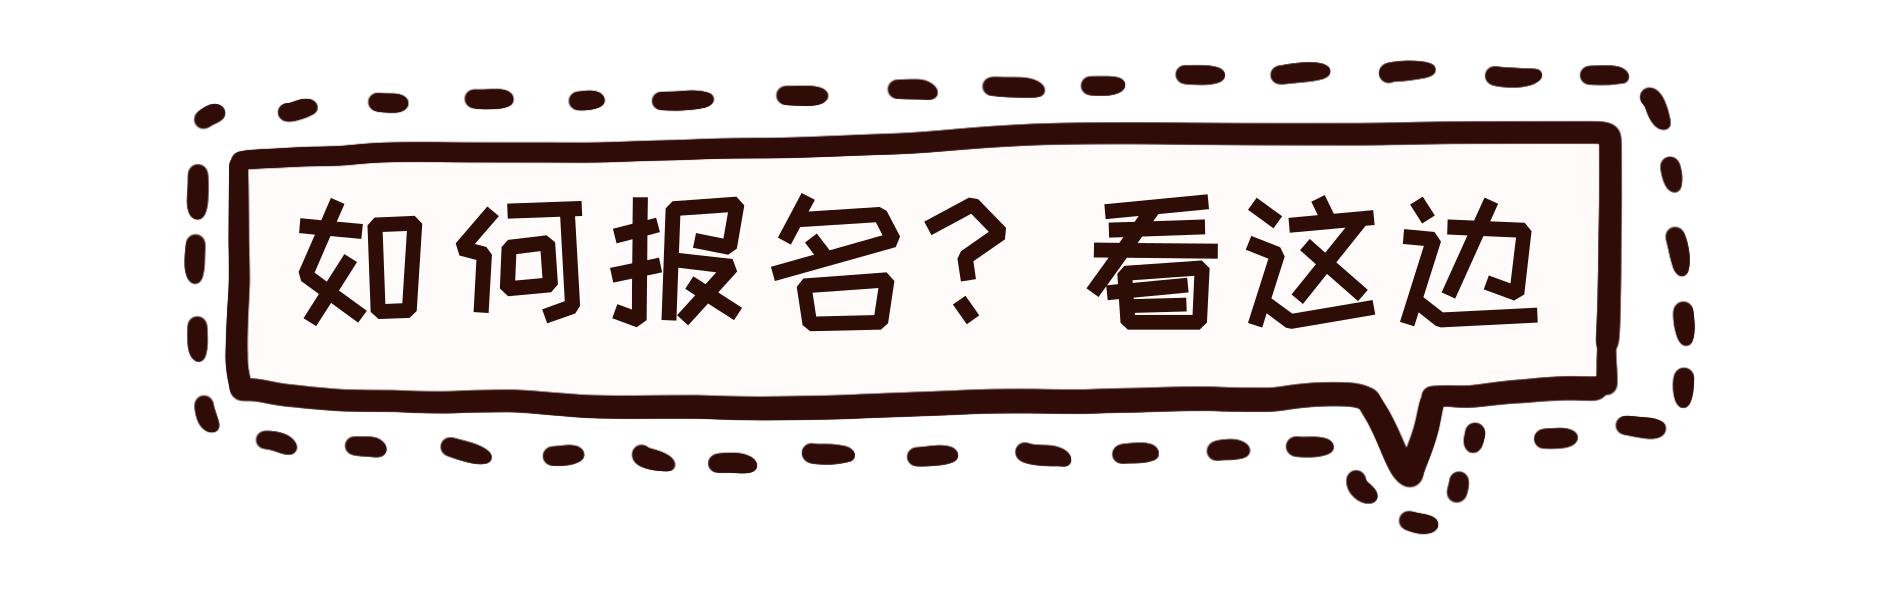 默认标题_自定义cm_2019.08.13.png